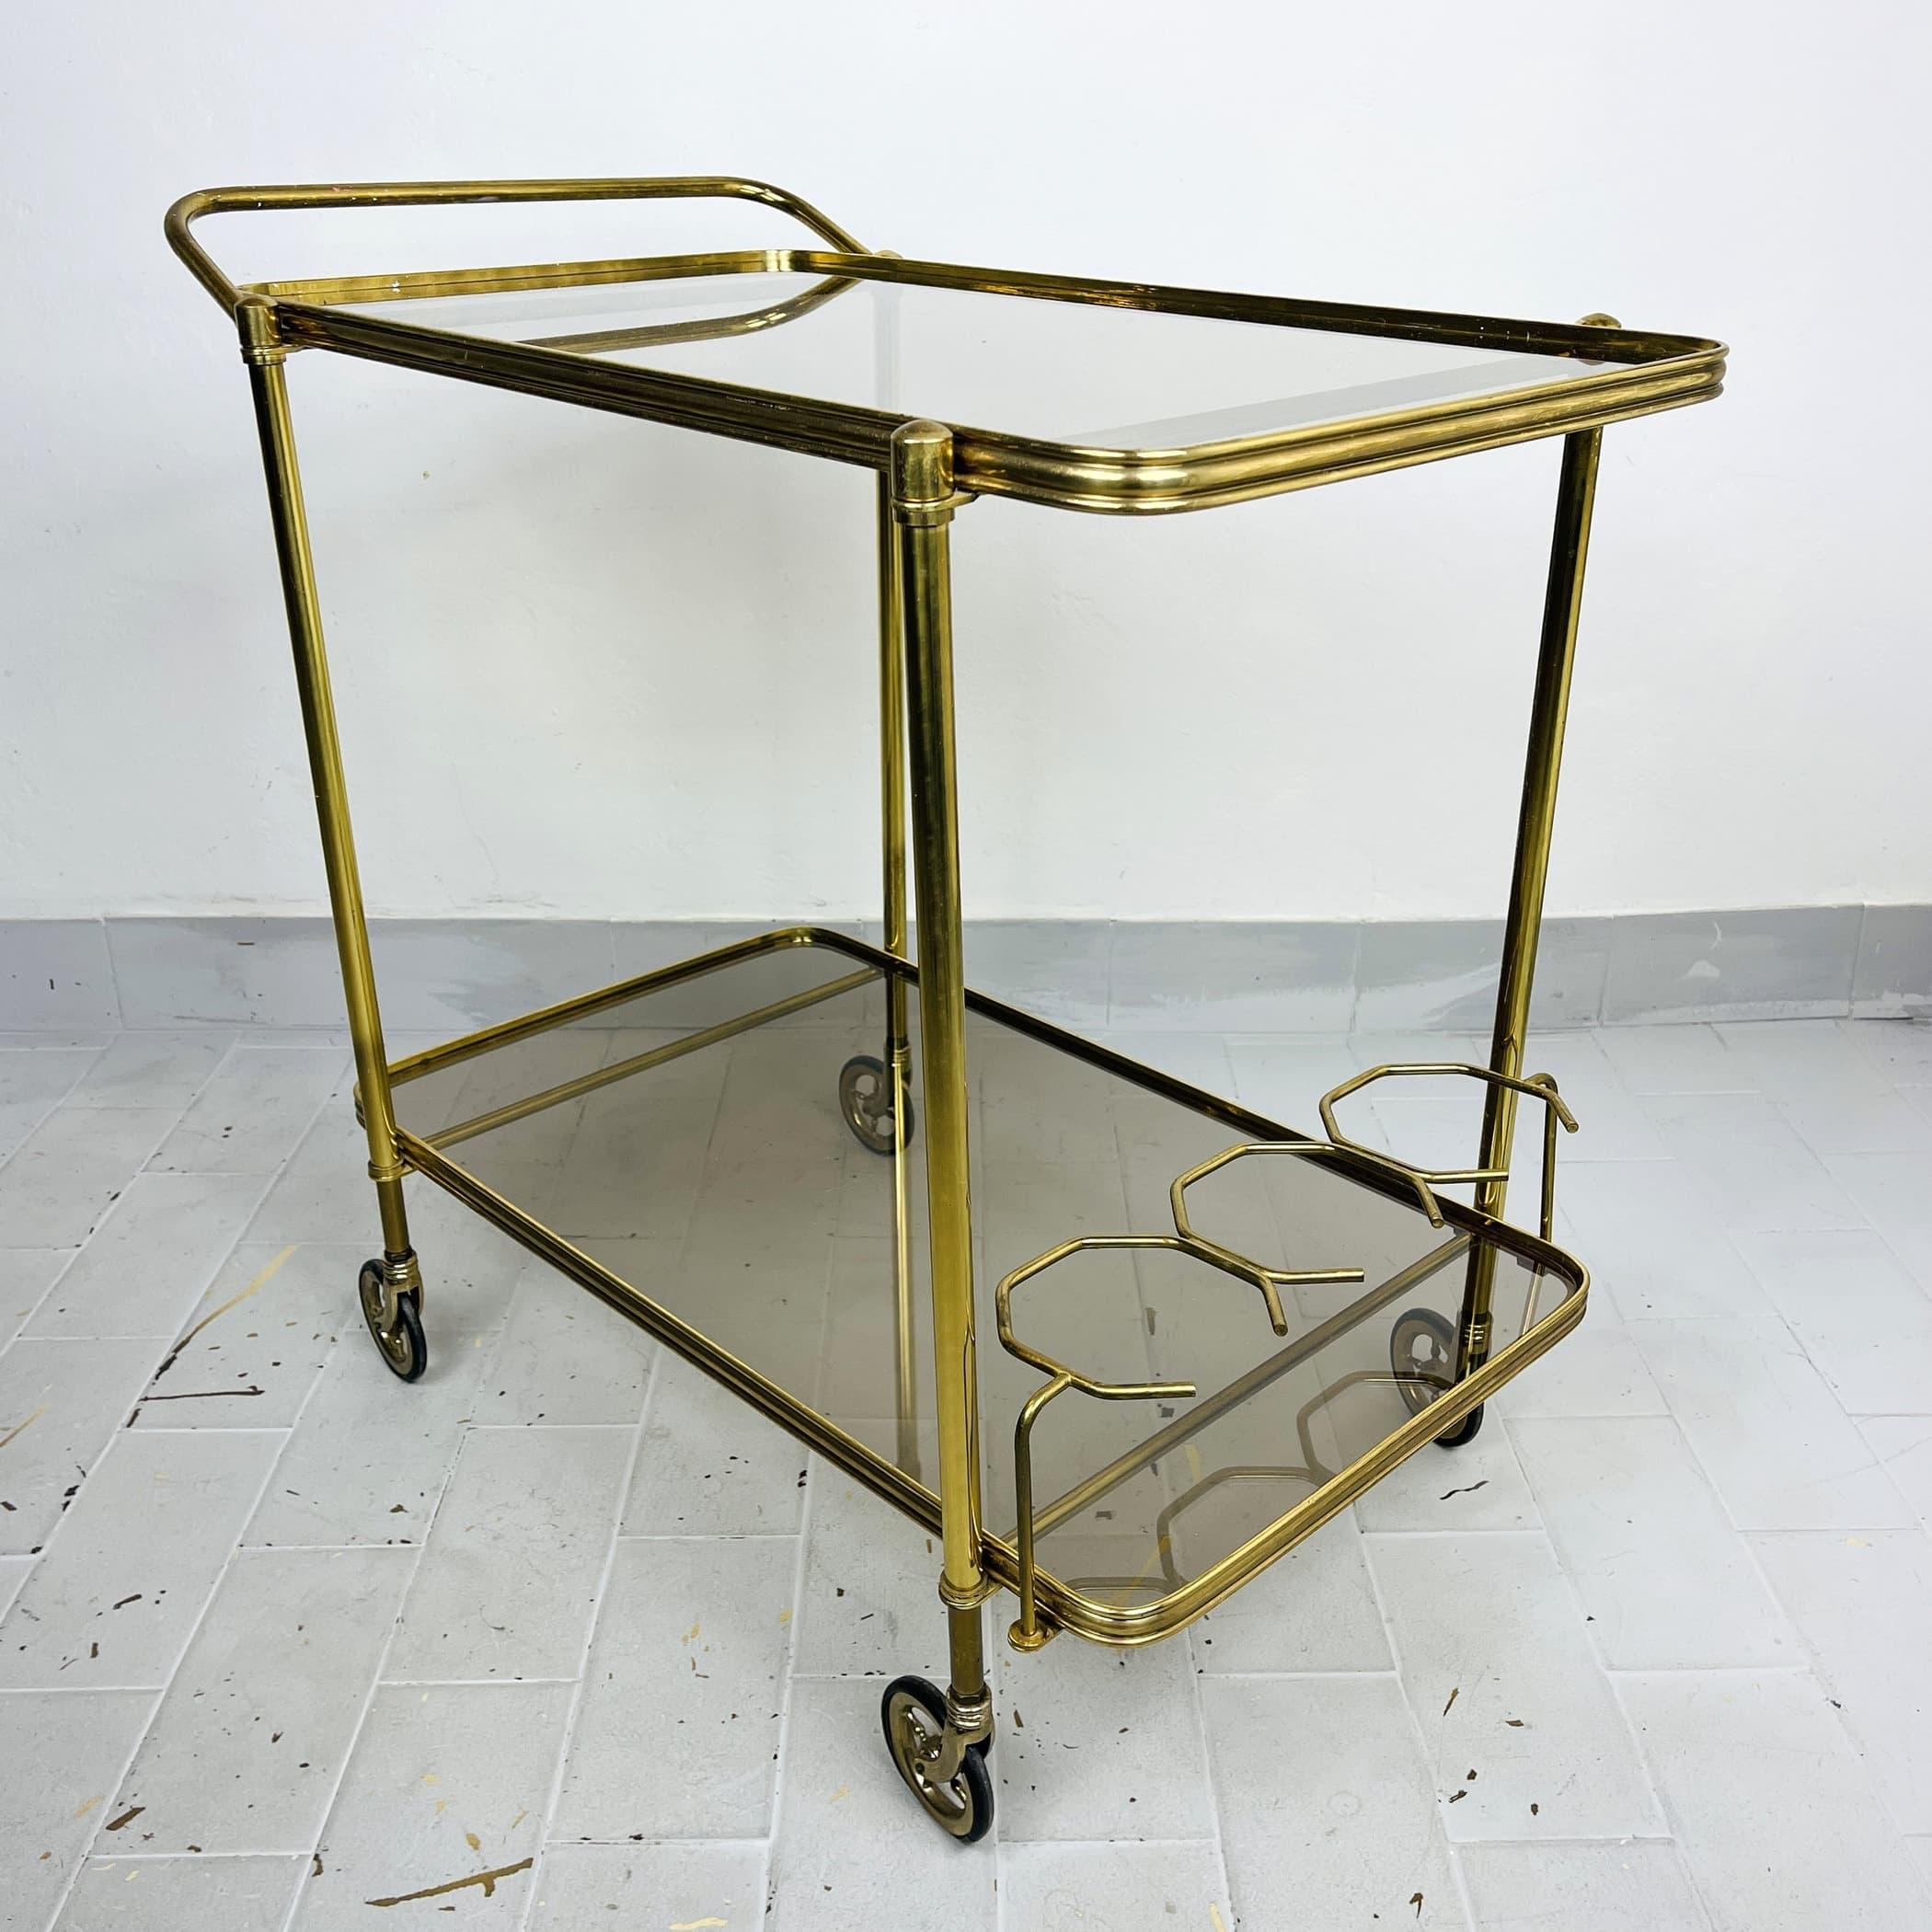 Vintage Serving Bar Cart Italy 1960s Retro trolley bar Brass Bar Wagon Drinks Trolley